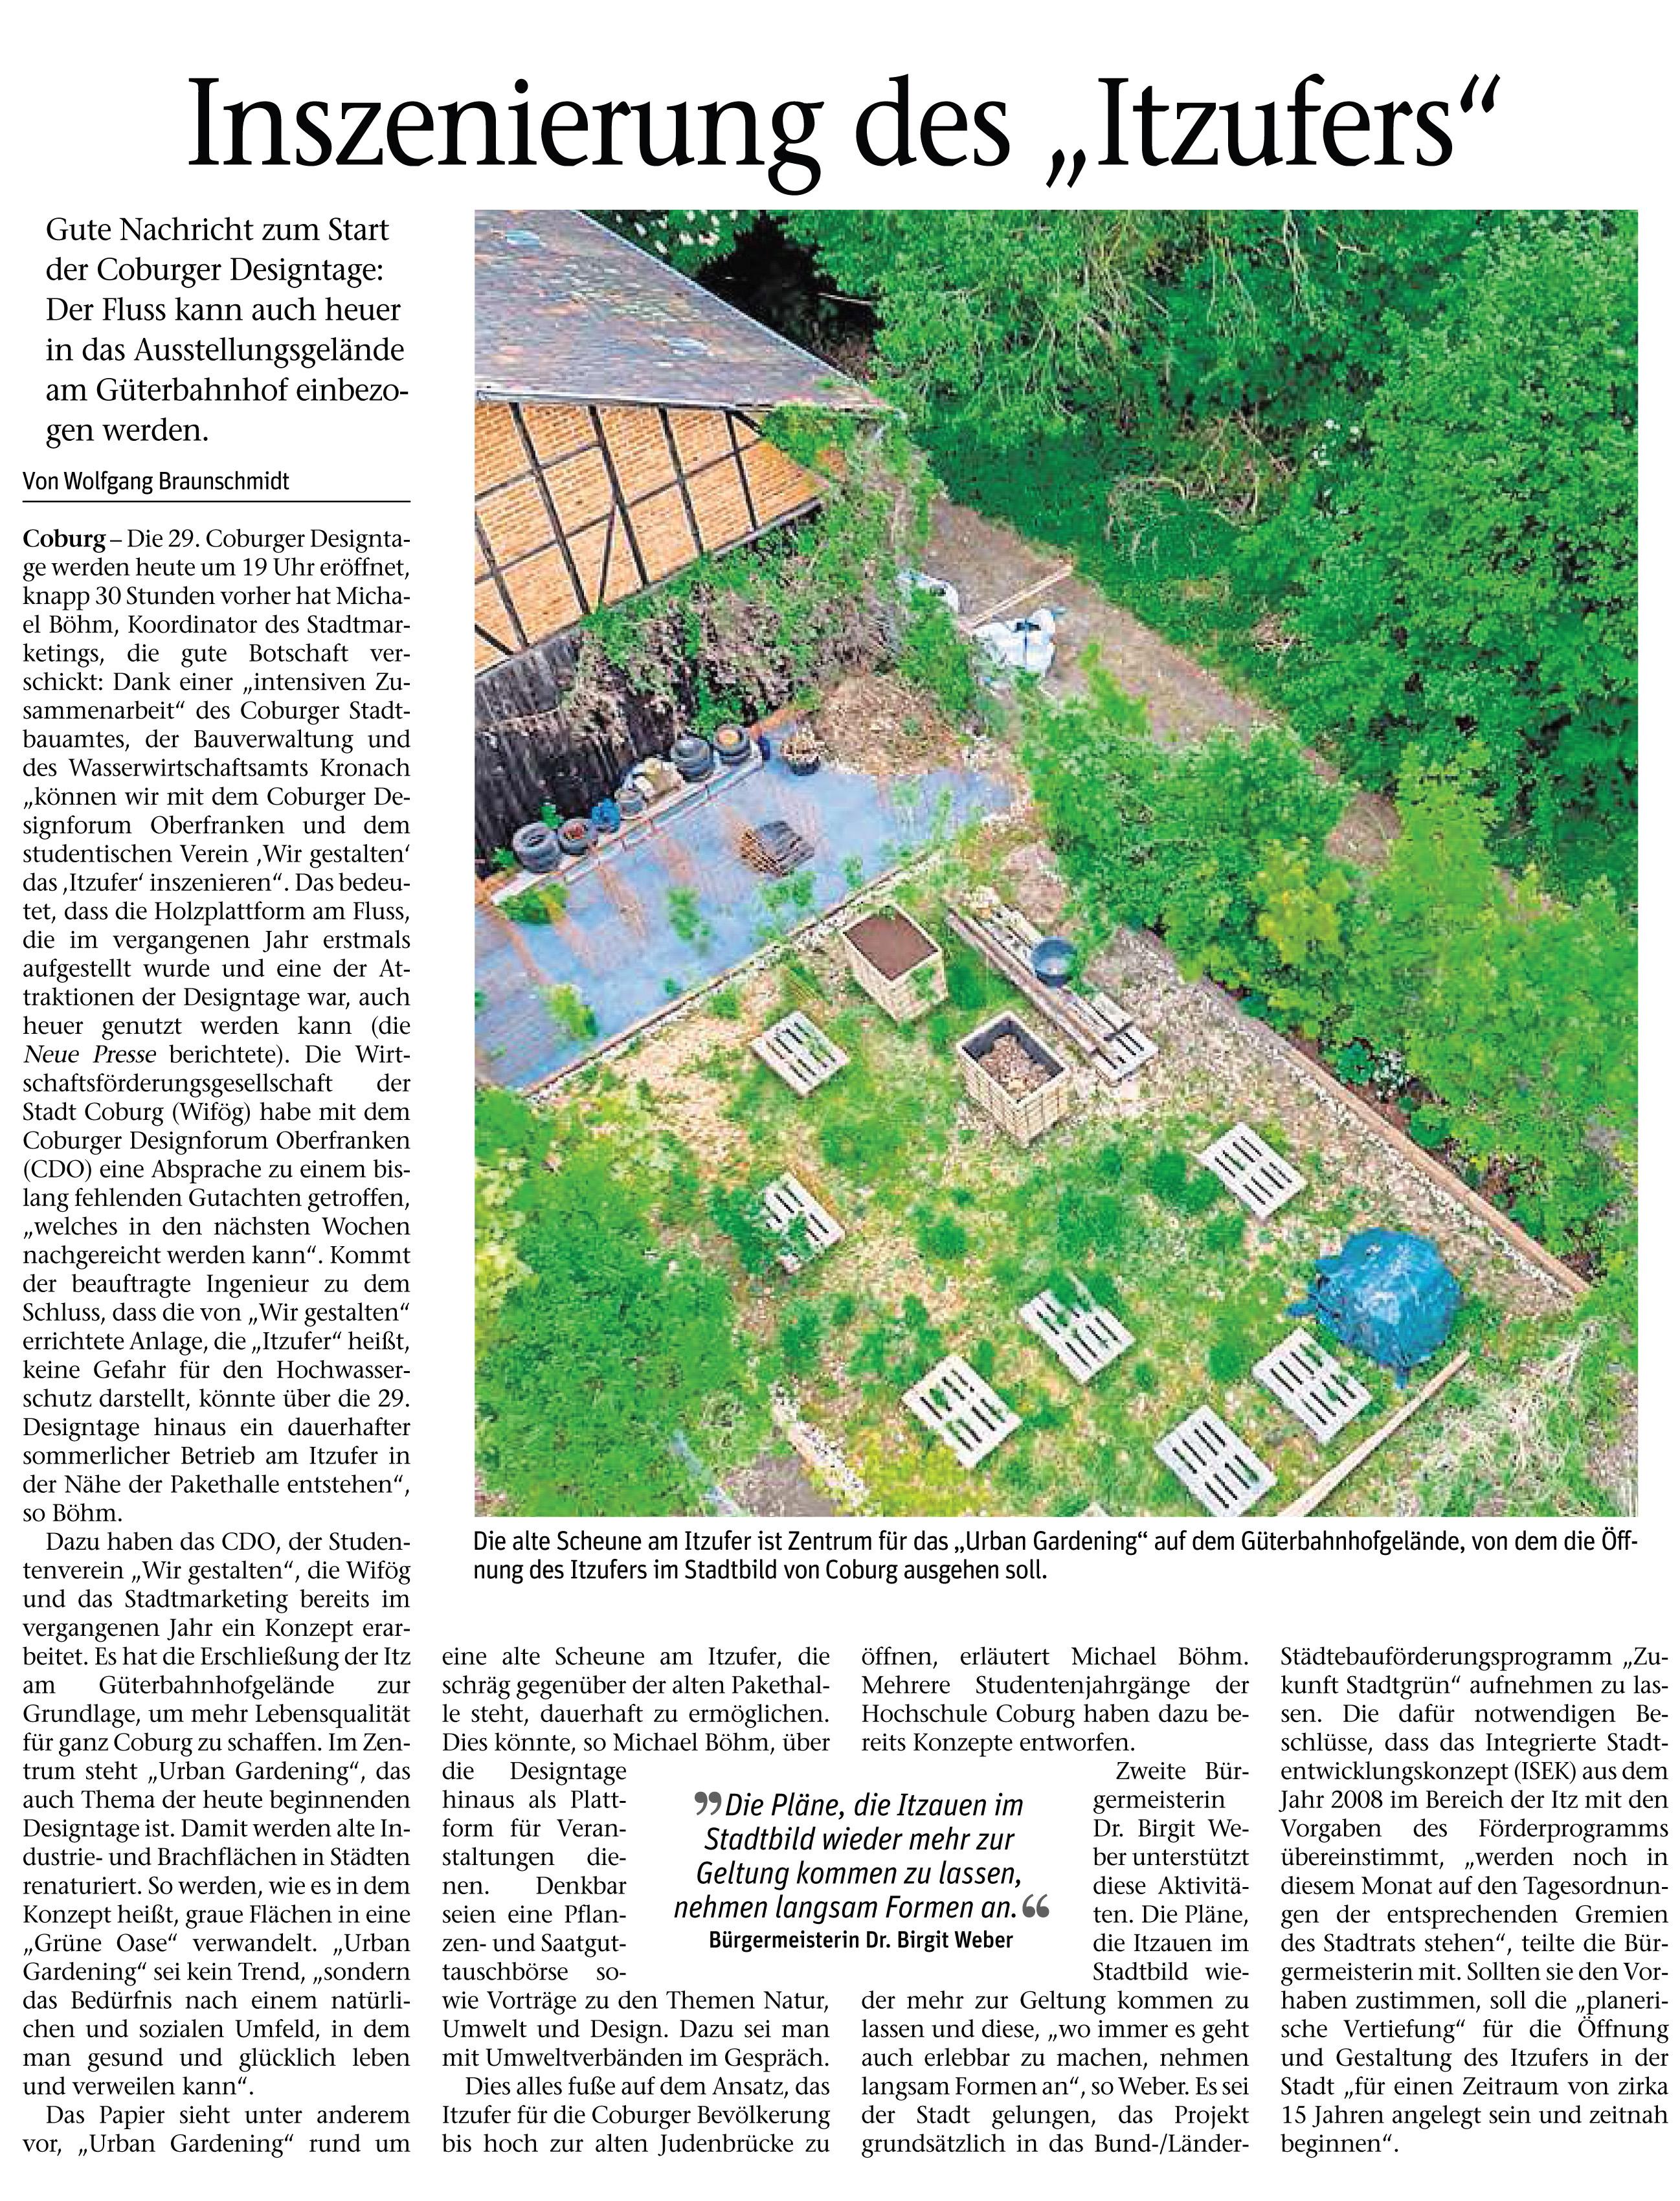 Neue Presse 23.05.2017 Inszenierung des Itzufers